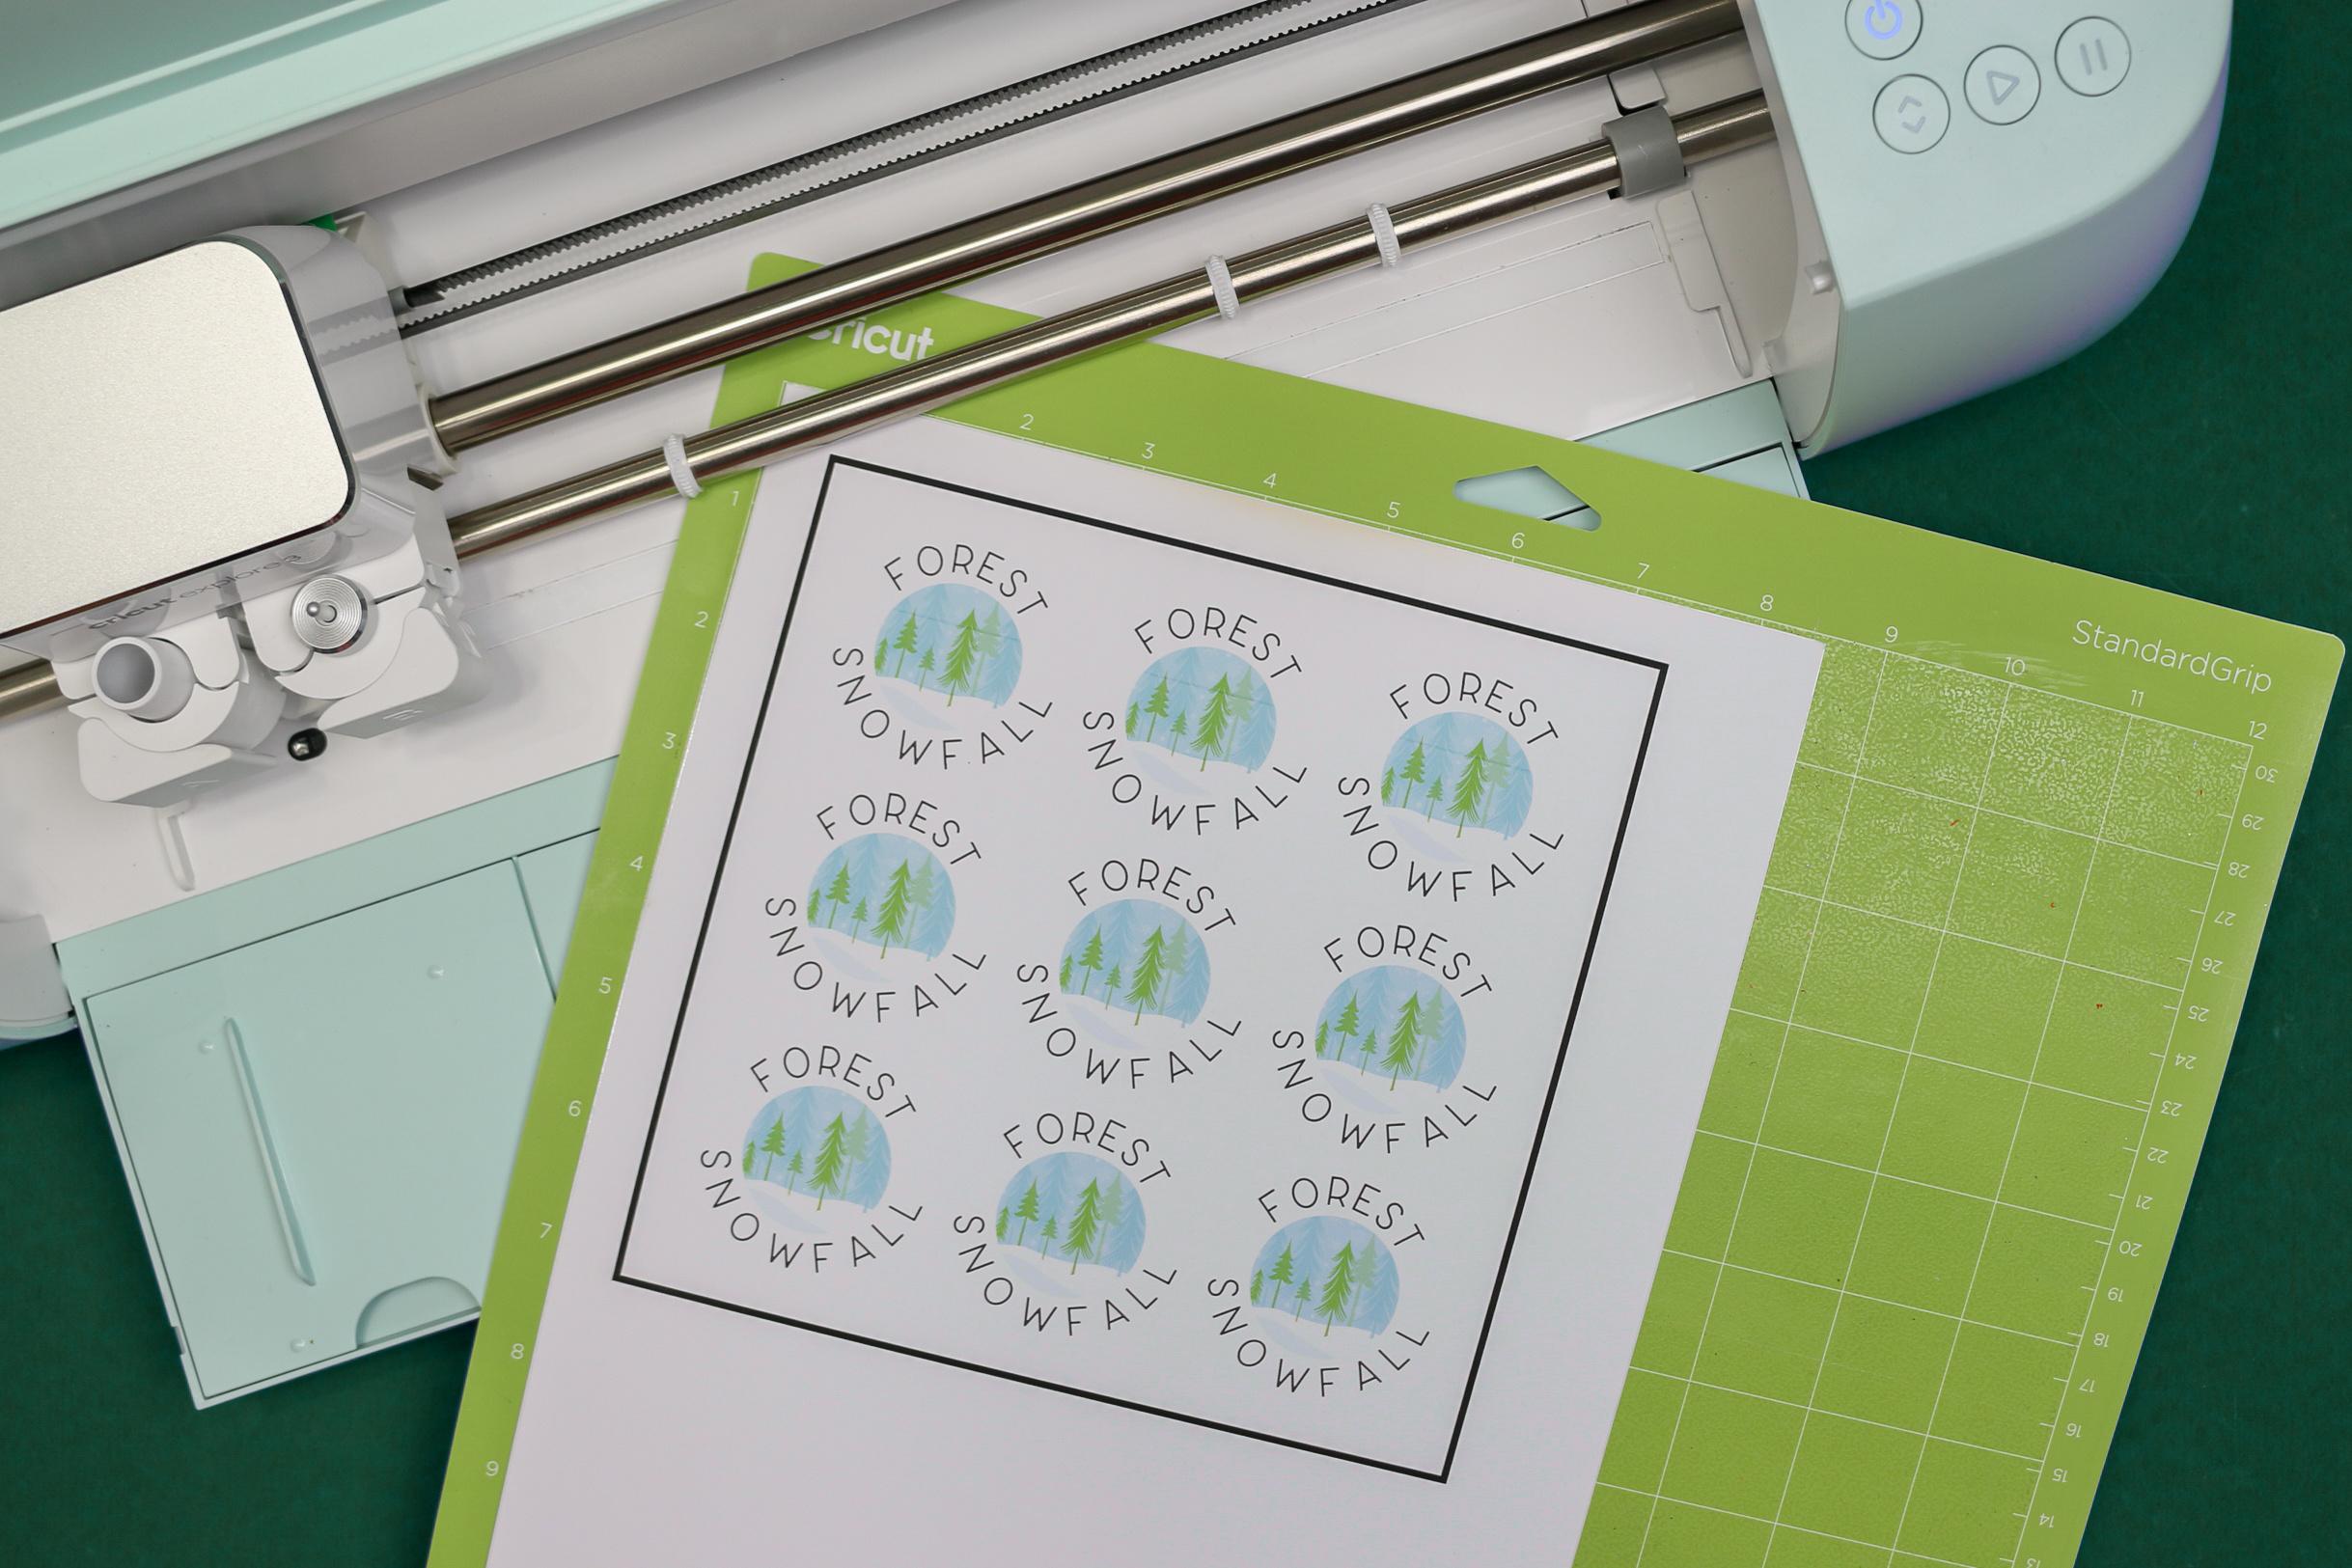 Candle label printout on Cricut mat